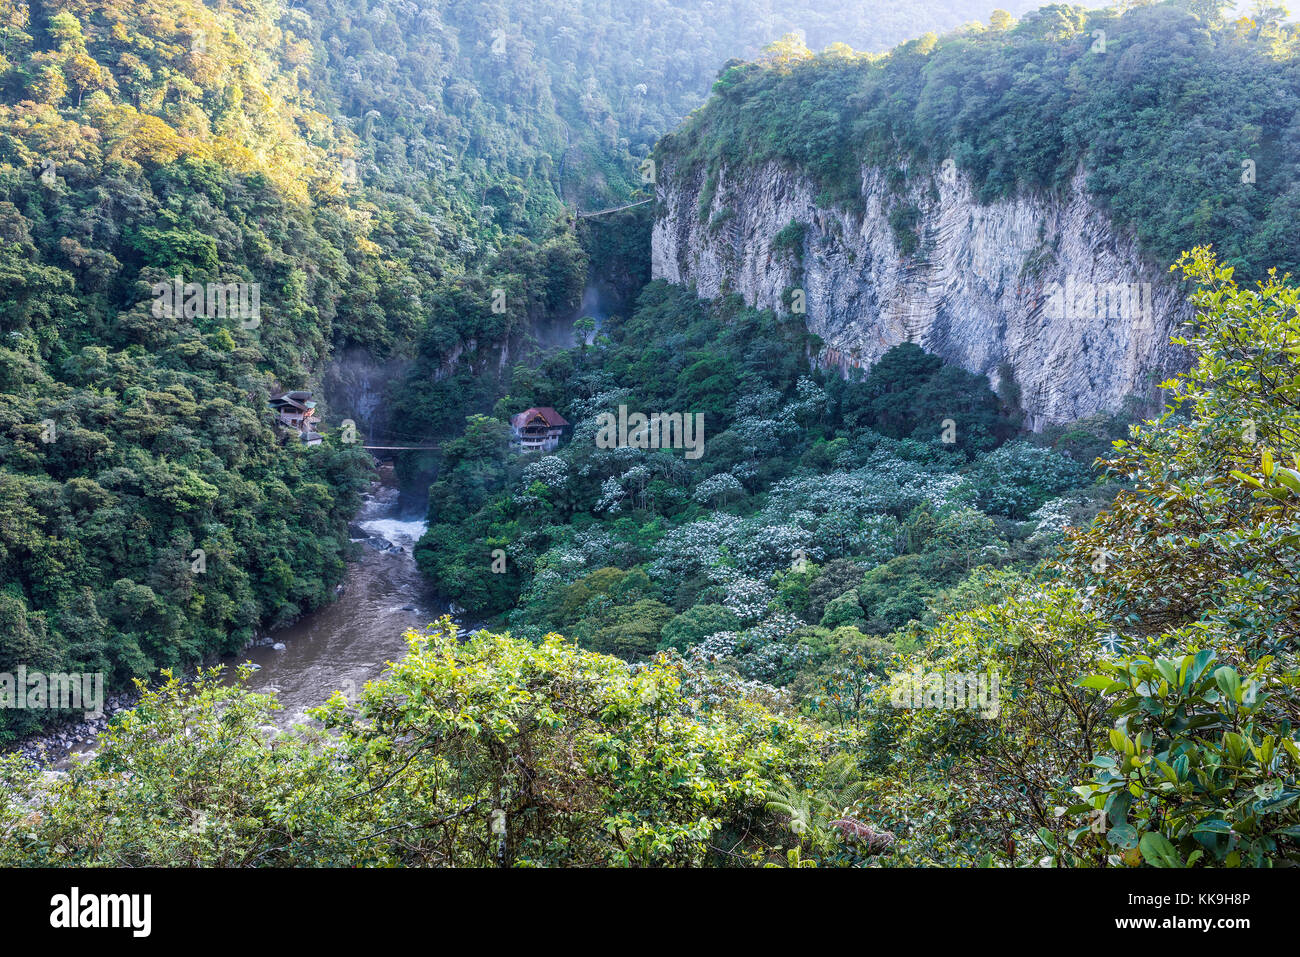 La foresta pluviale di montagna, vicino alla cascata pailon del Diablo nelle Ande. banos. Ecuador Immagini Stock